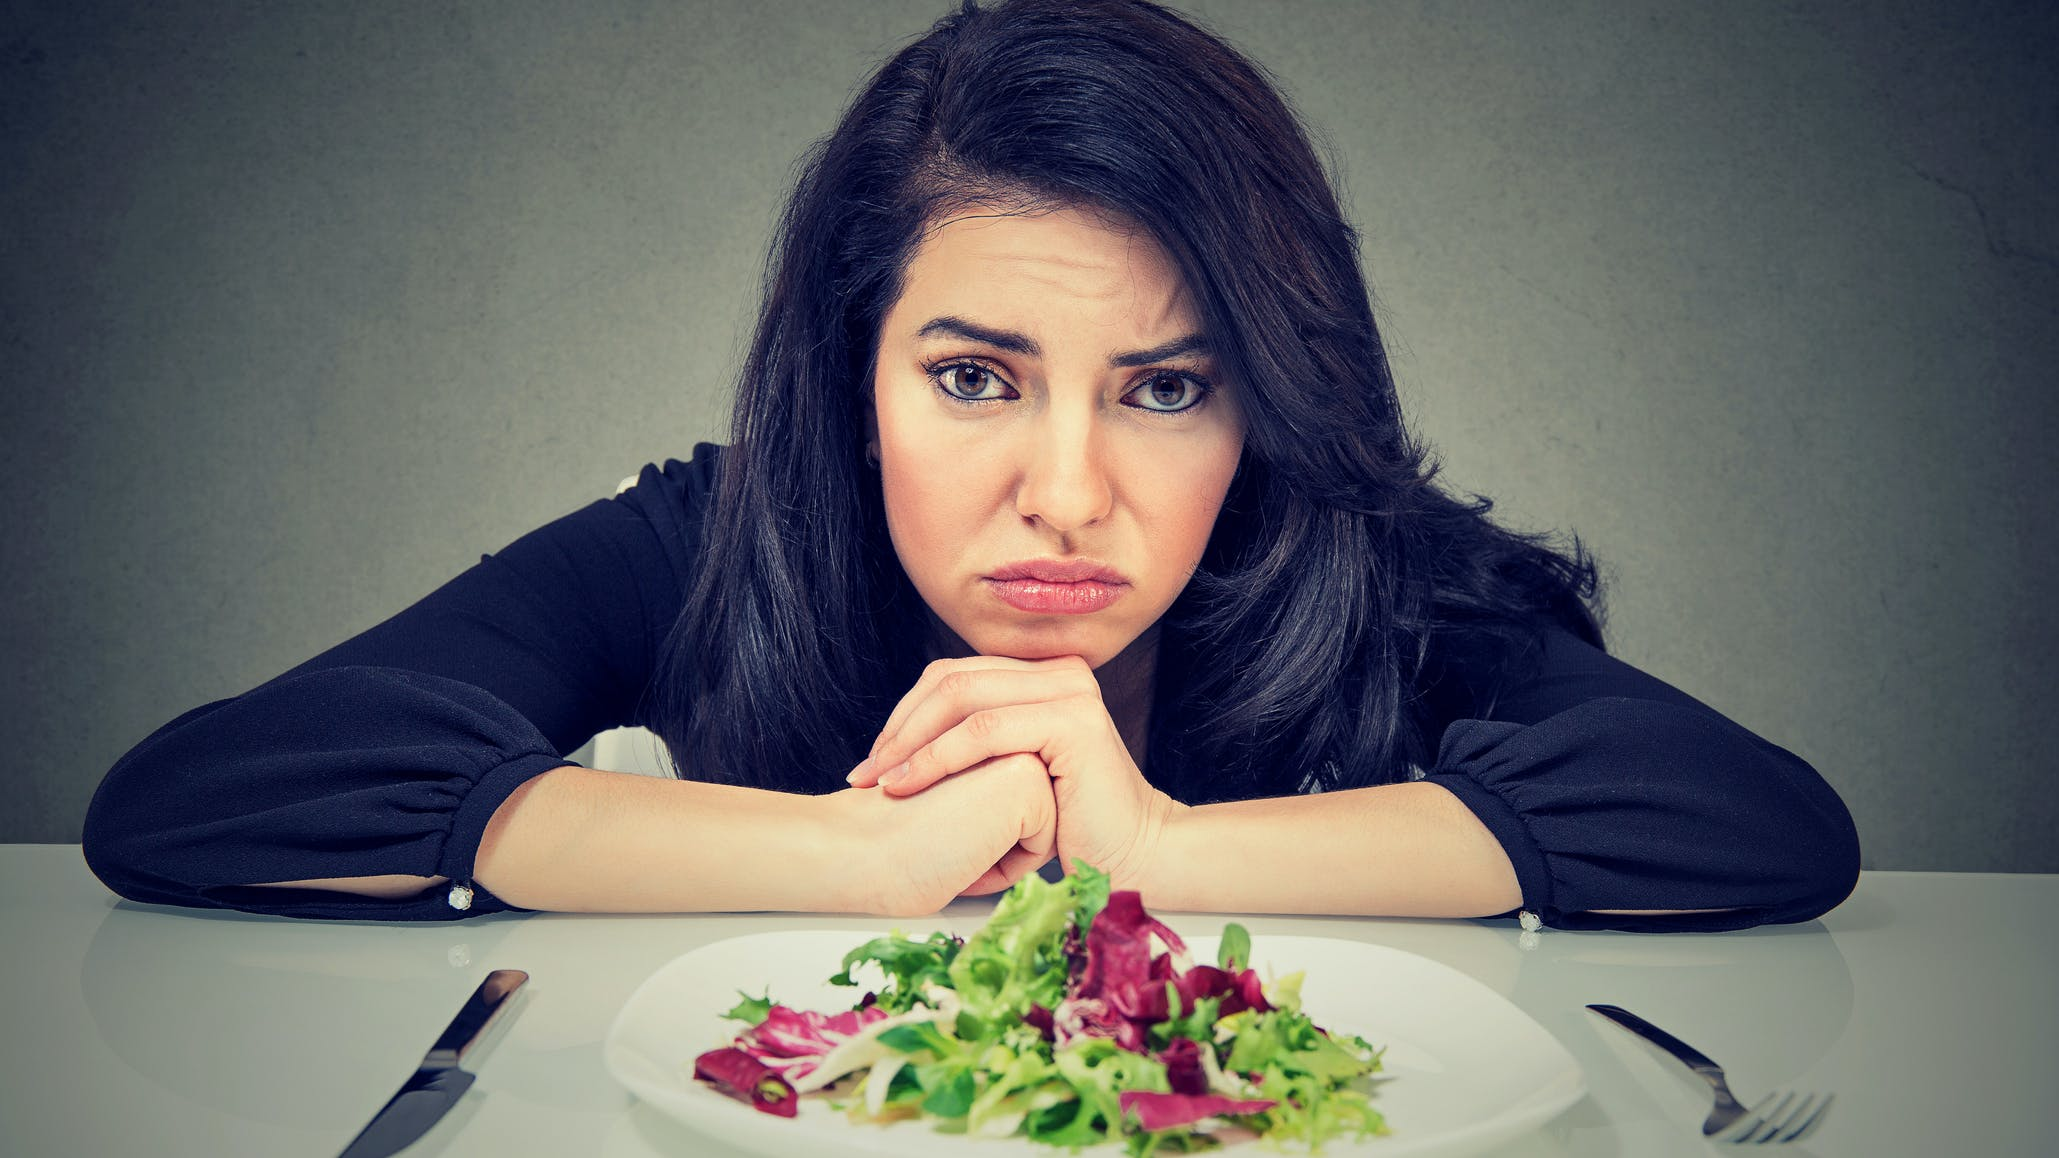 Reducir las calorías no solucionará tus problemas de peso: haz esto en su lugar